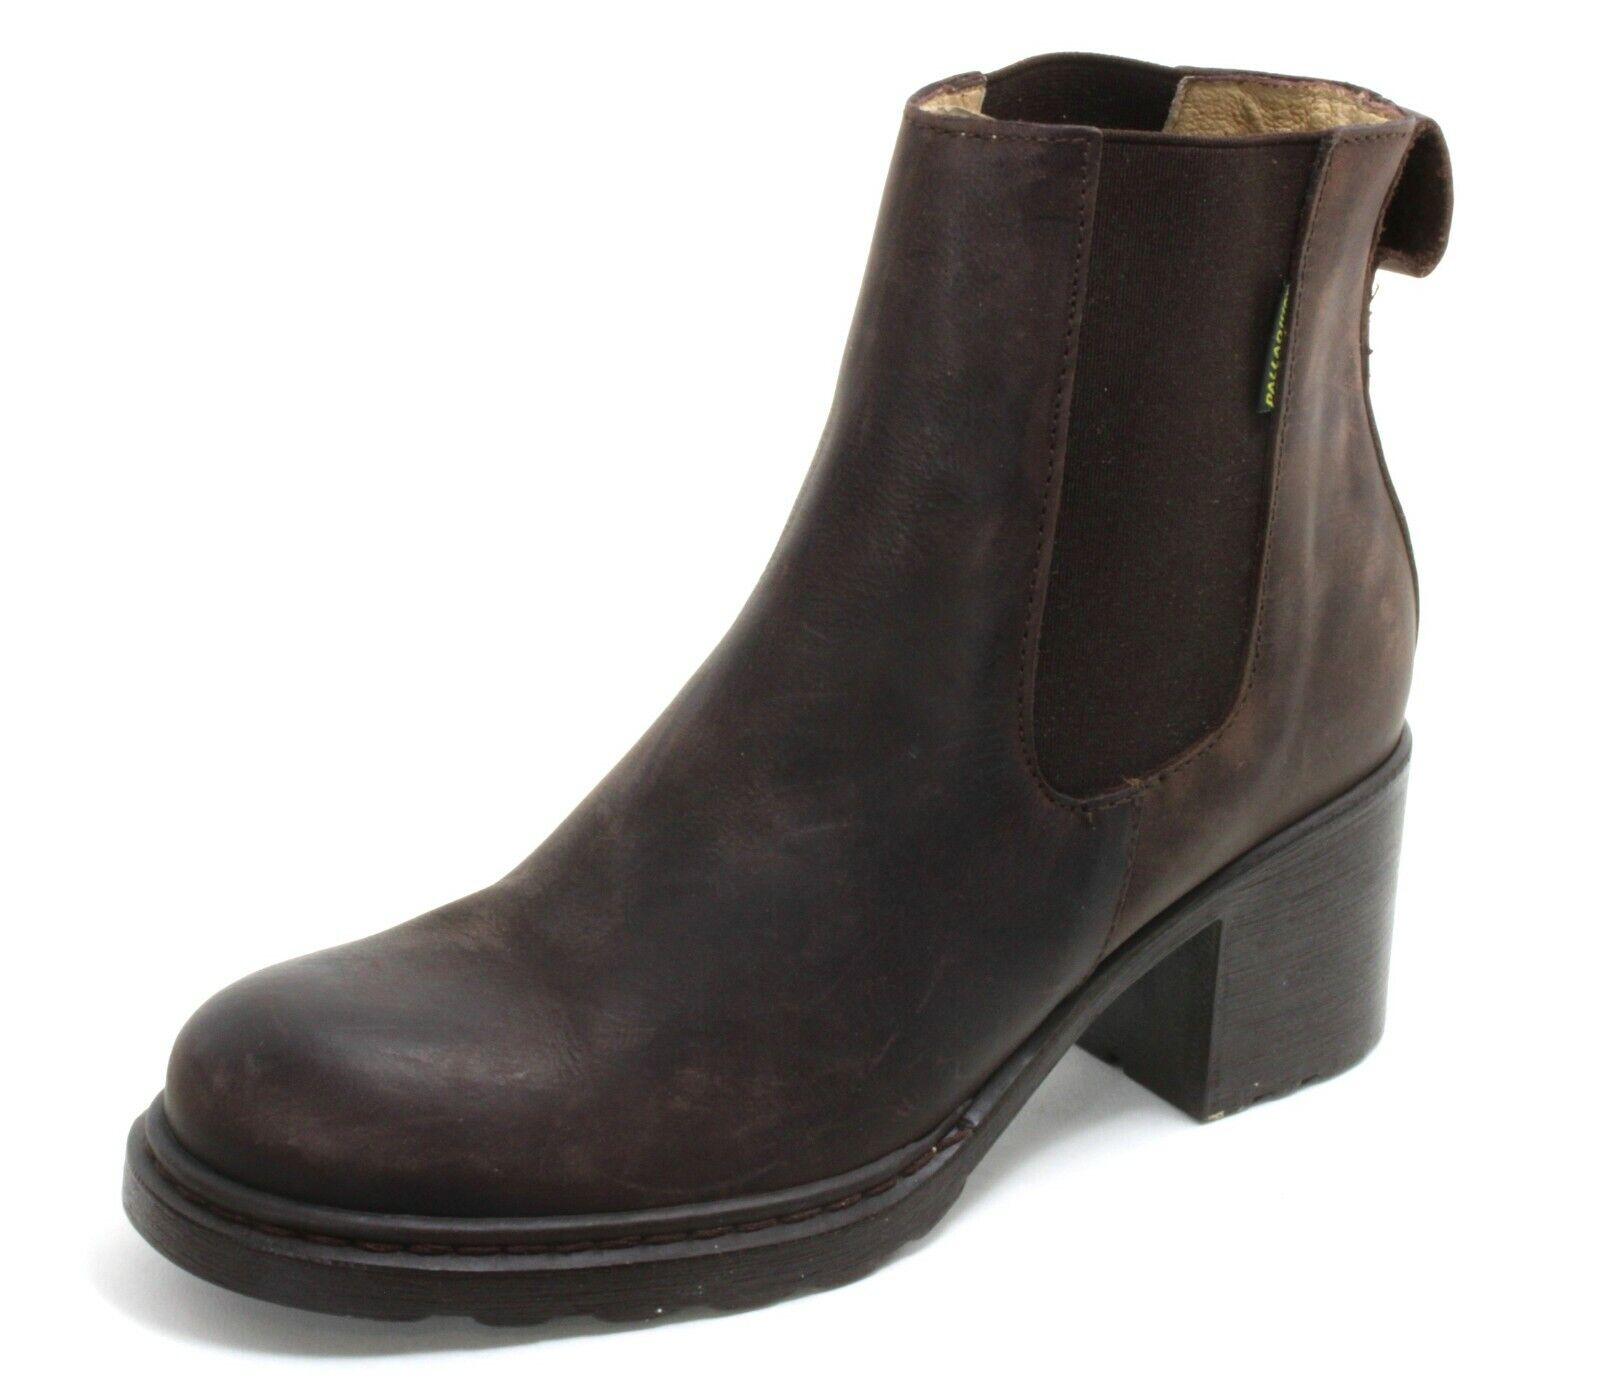 323 Botas de Cuero 90er Botas Chelsea Zapatos Mujer Botines Palladium 40